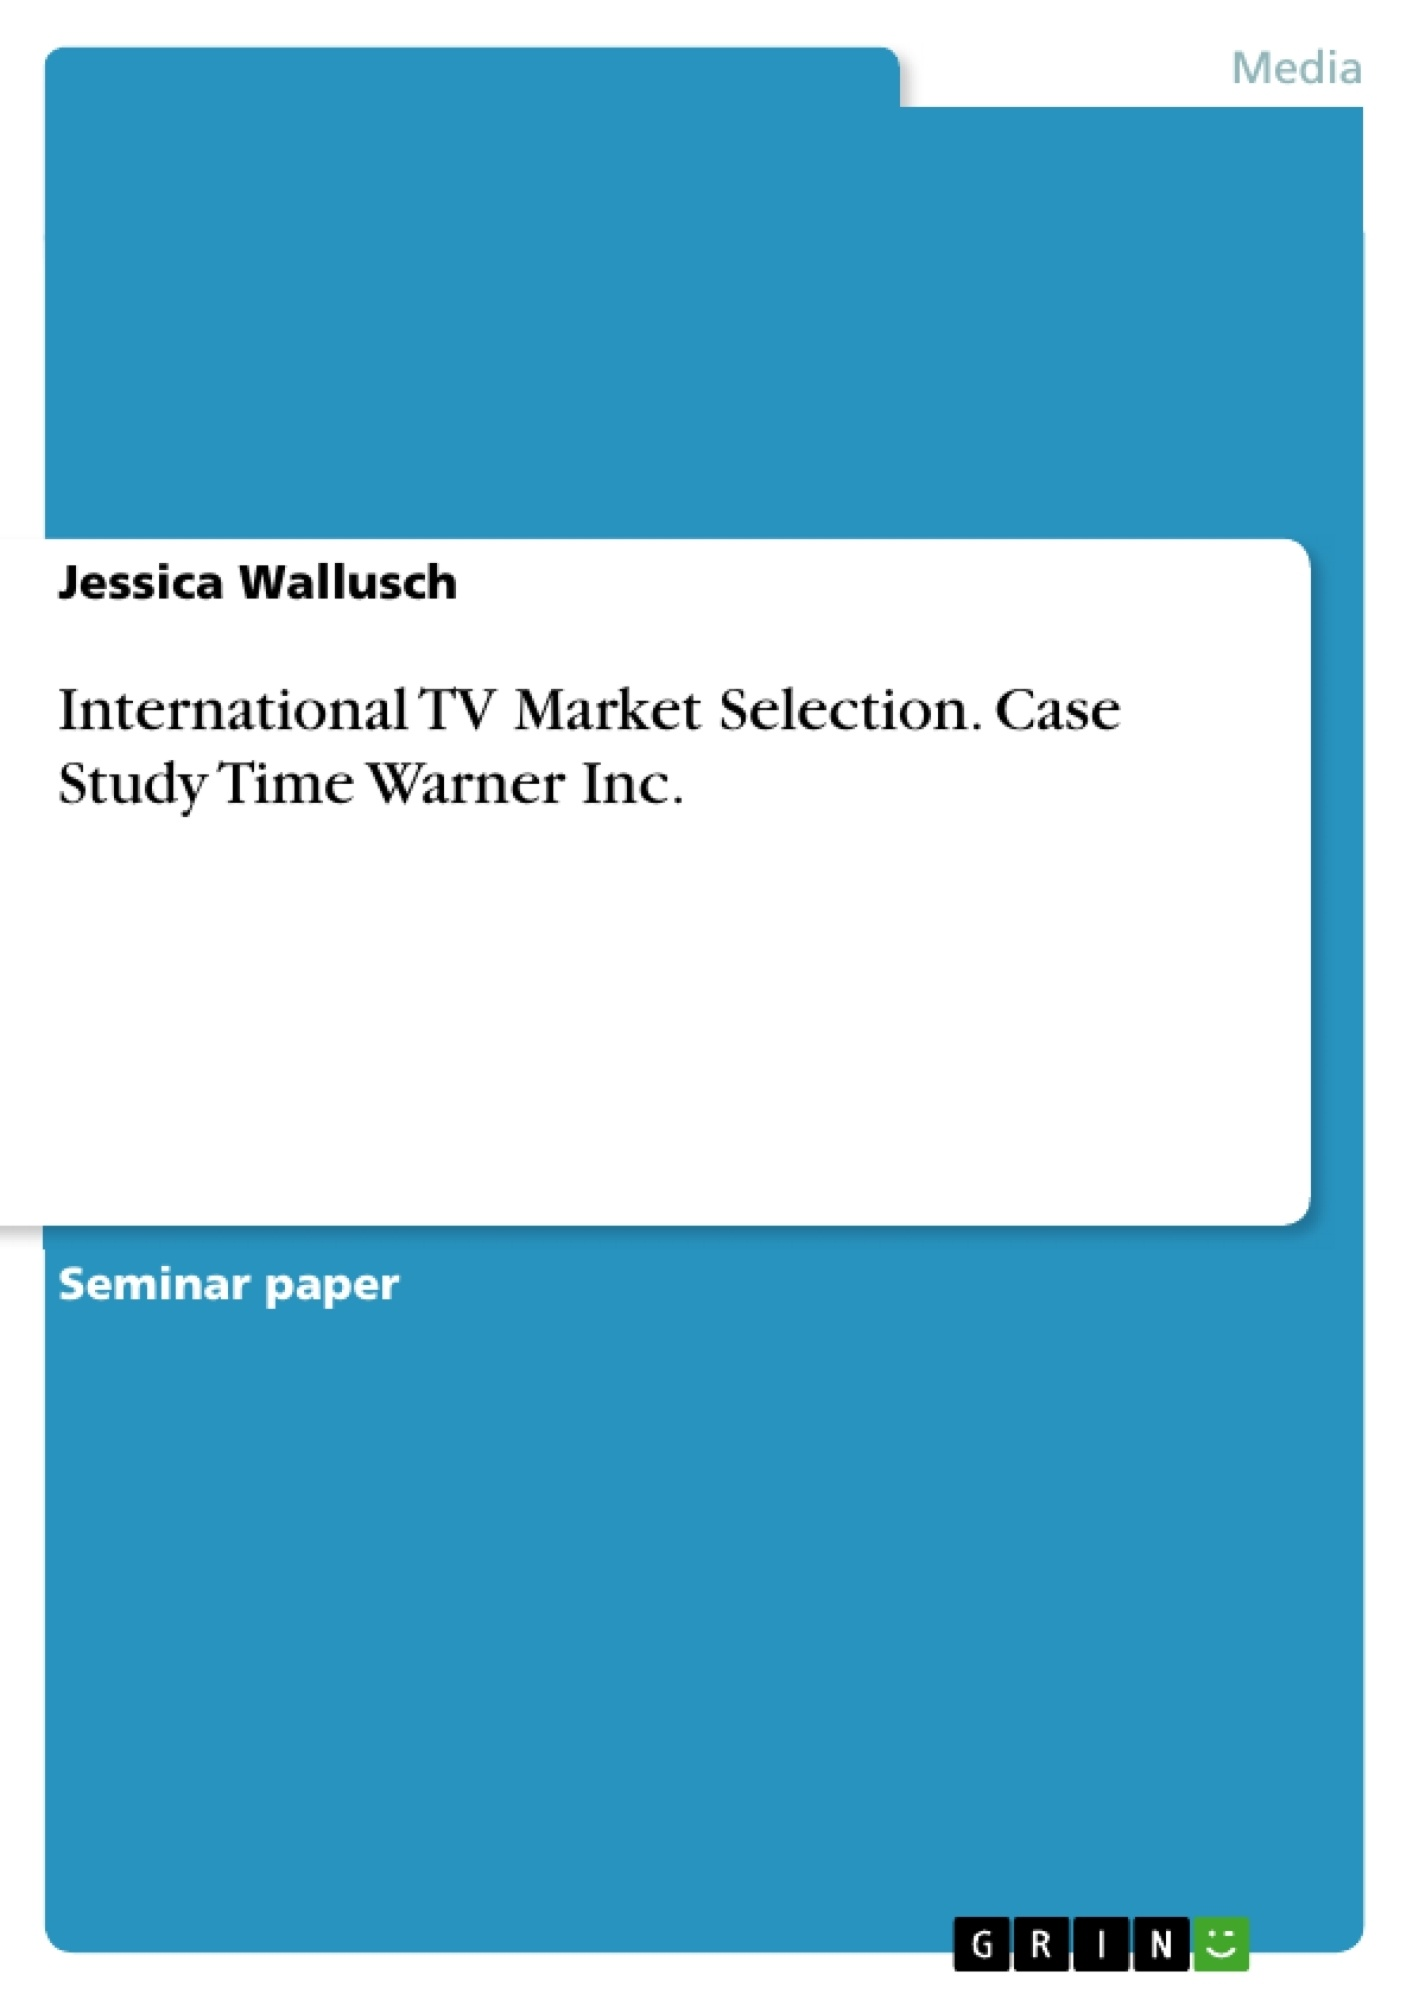 Title: International TV Market Selection. Case Study Time Warner Inc.